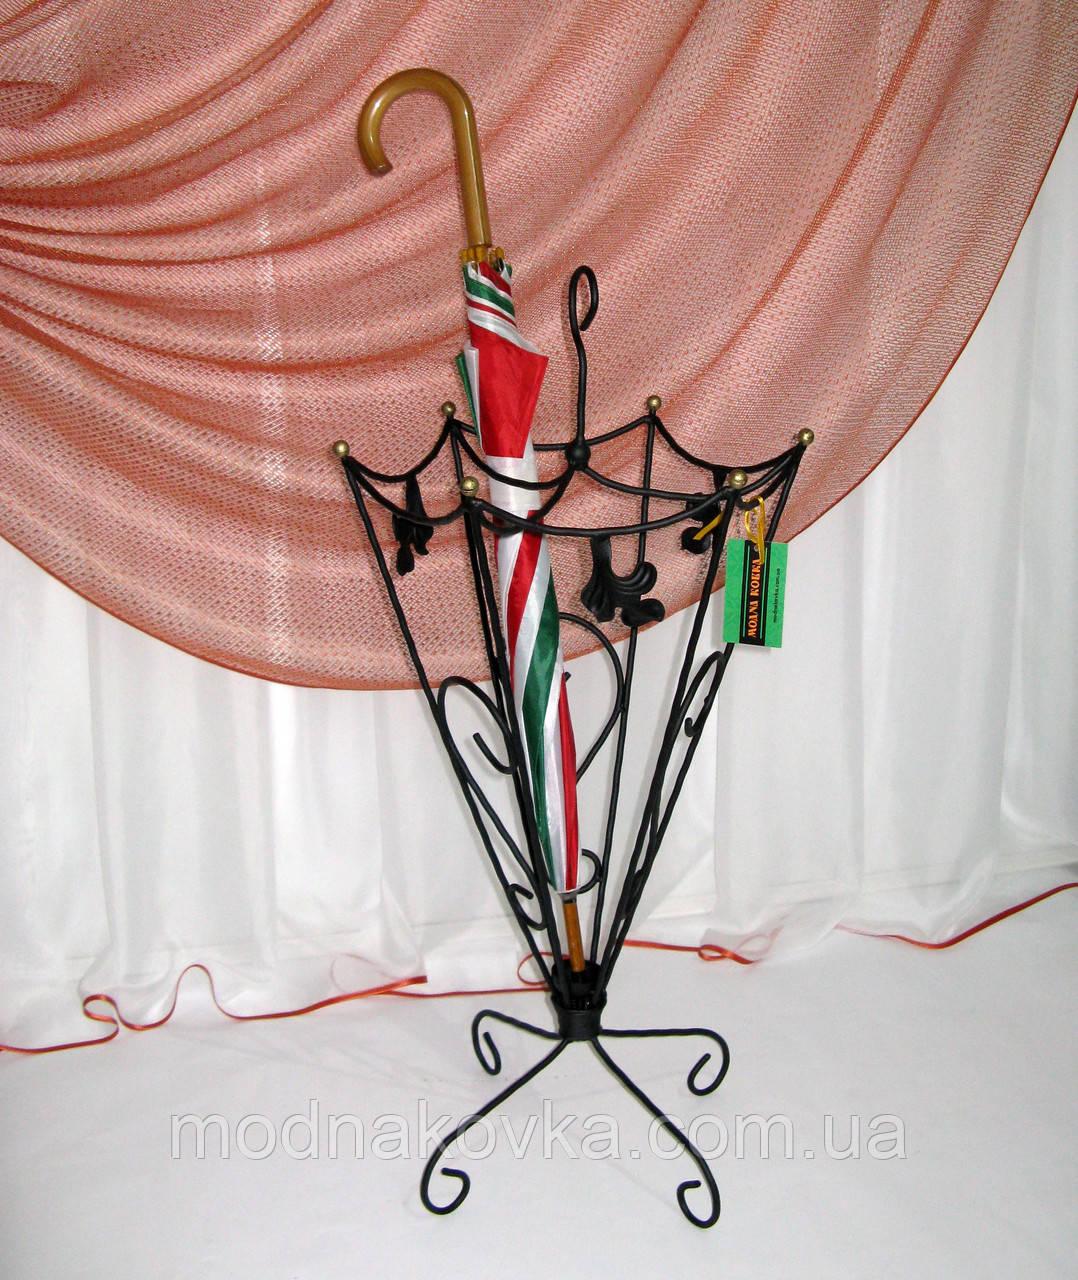 Зонтовница конусная большая. Кованая подставка под зонты